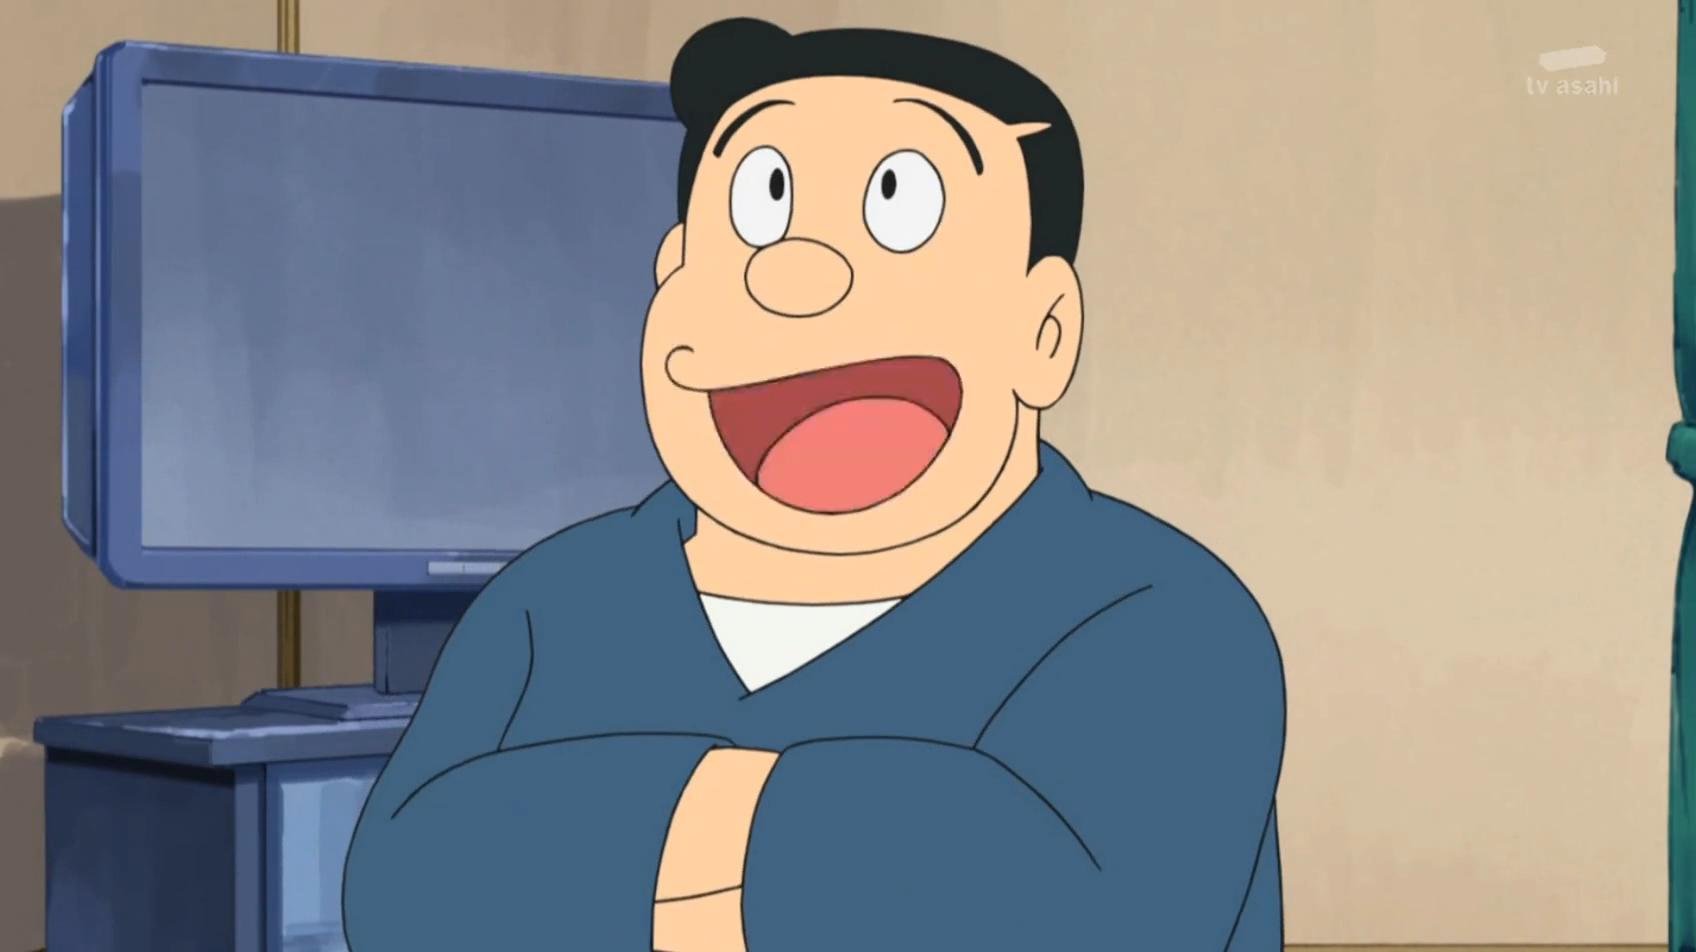 哆啦A夢(藤子·F·不二雄著作的科幻喜劇漫畫):作品背景.故事內容.登場角色.主要_中文百科全書